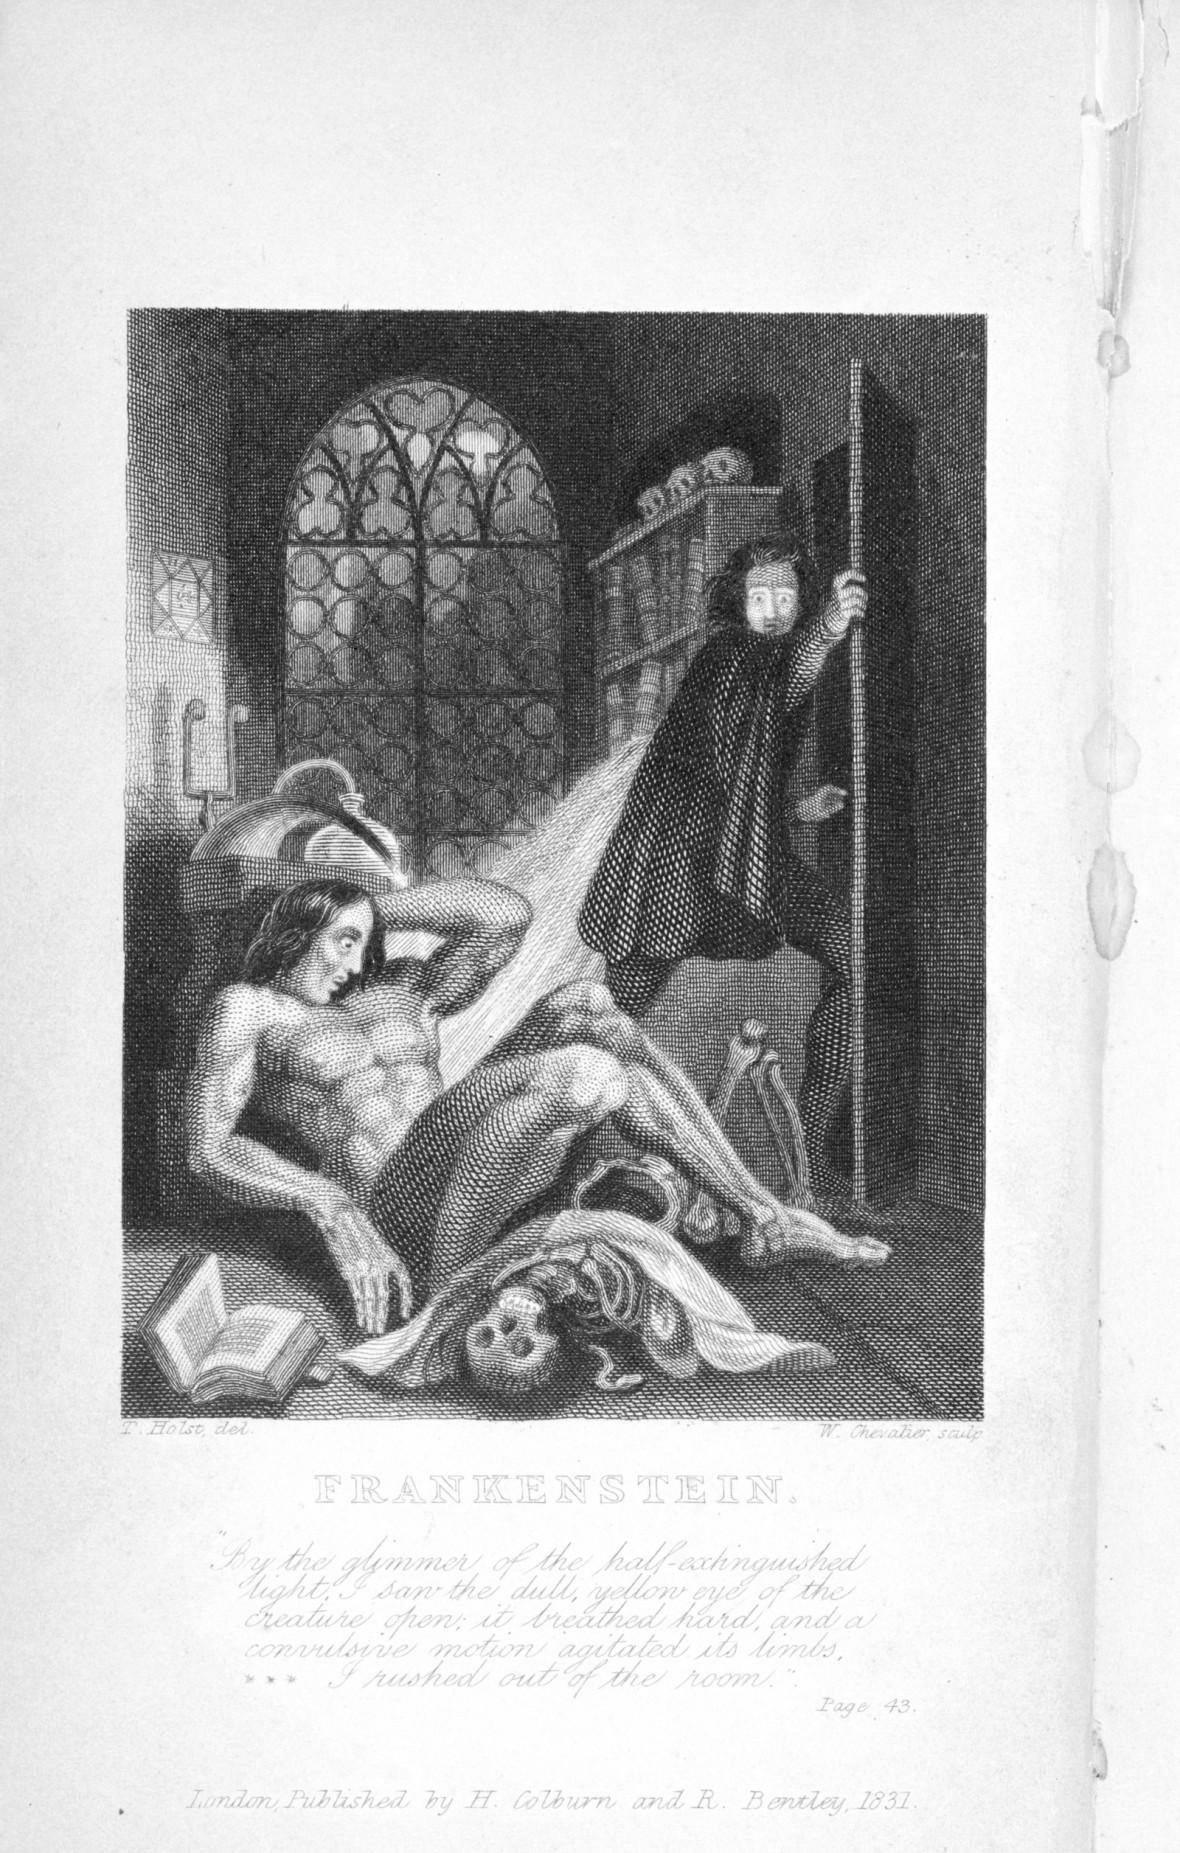 First illustration of Frankenstein's monster. Mary Shelley, Frankenstein, or, The Modern Prometheus. London, 1831.